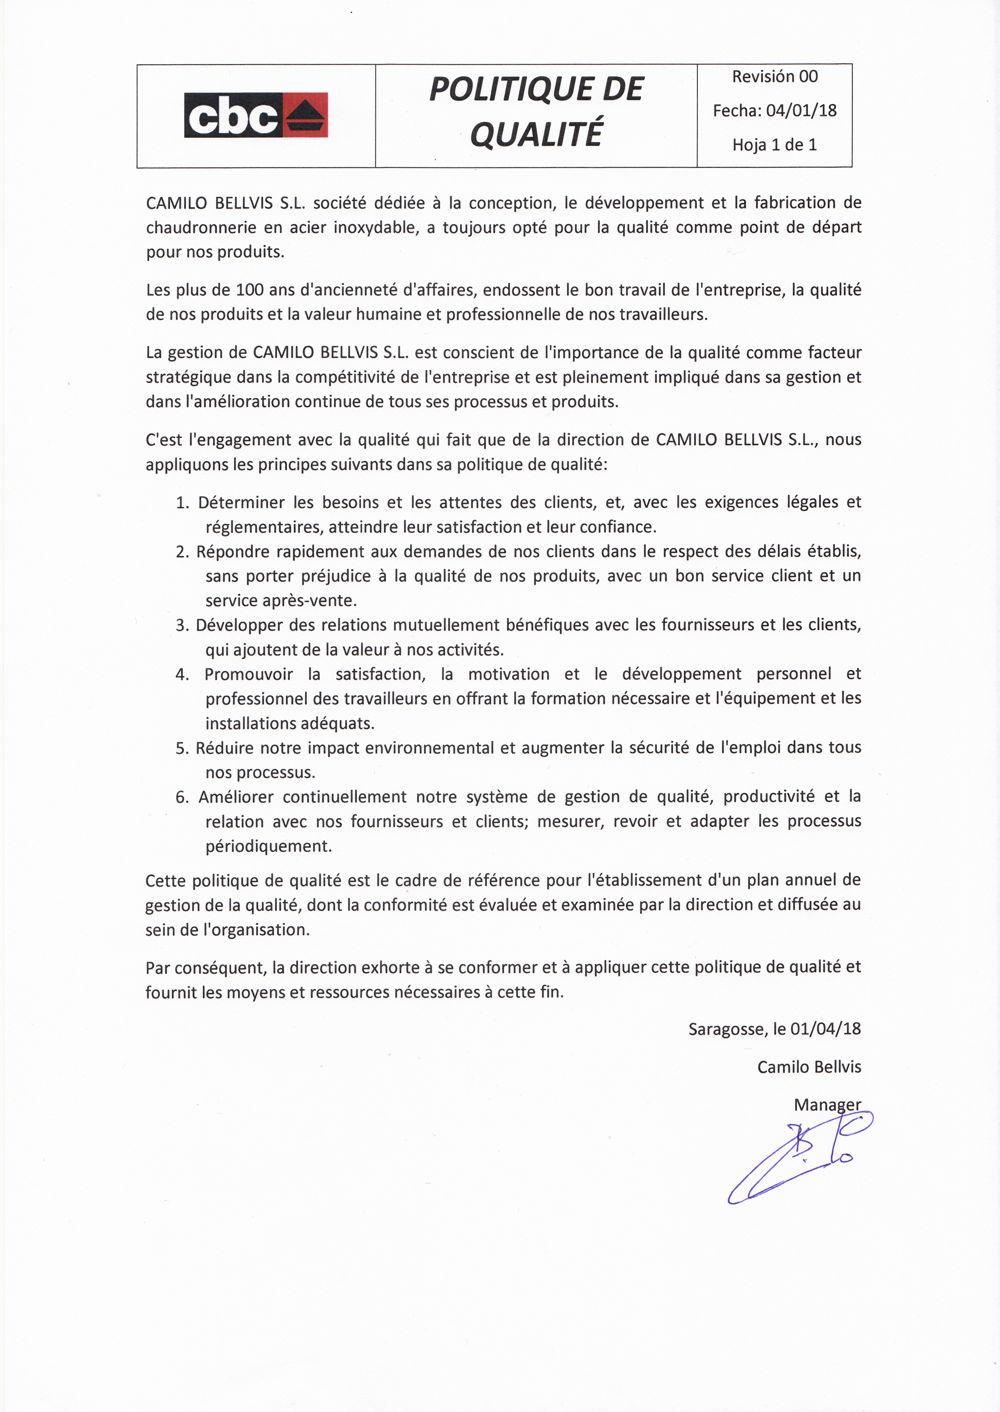 política de calidad en francés